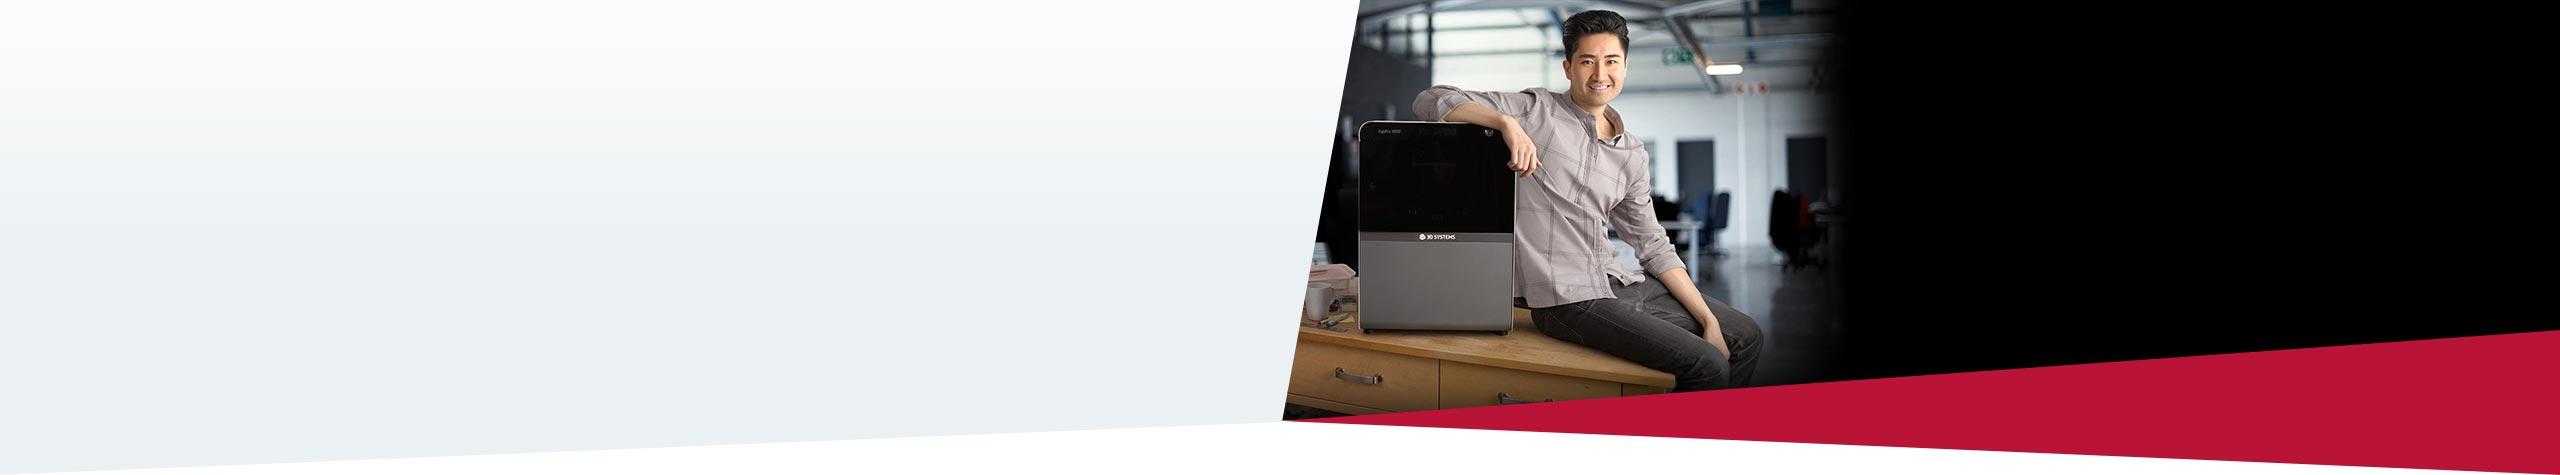 3D-Drucker im Überblick Passgenaue Lösungen von Prototyping bis Produktion in Kunststoff und Metall.